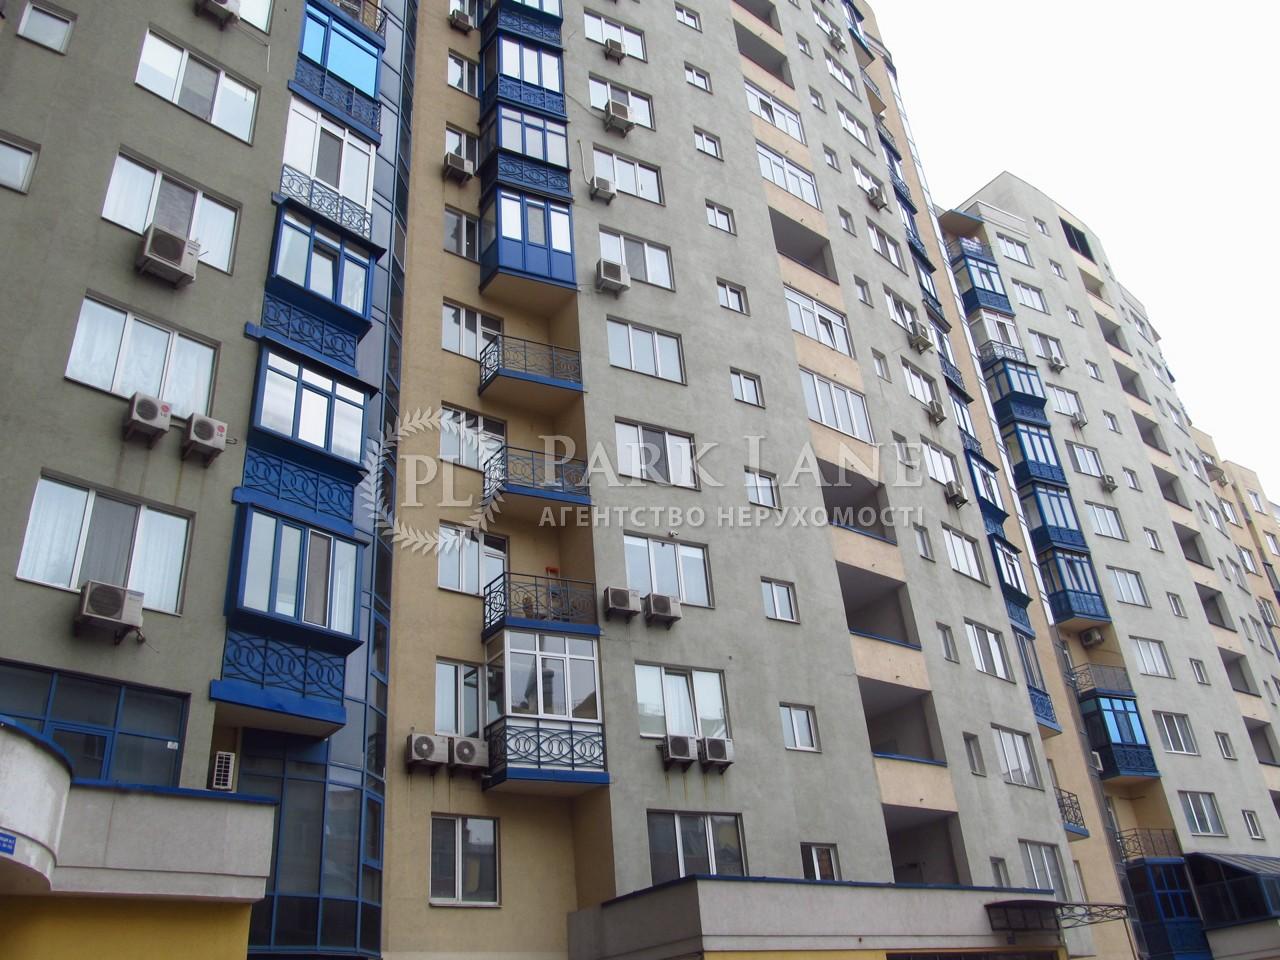 Квартира ул. Московская, 46/2, Киев, G-15990 - Фото 19